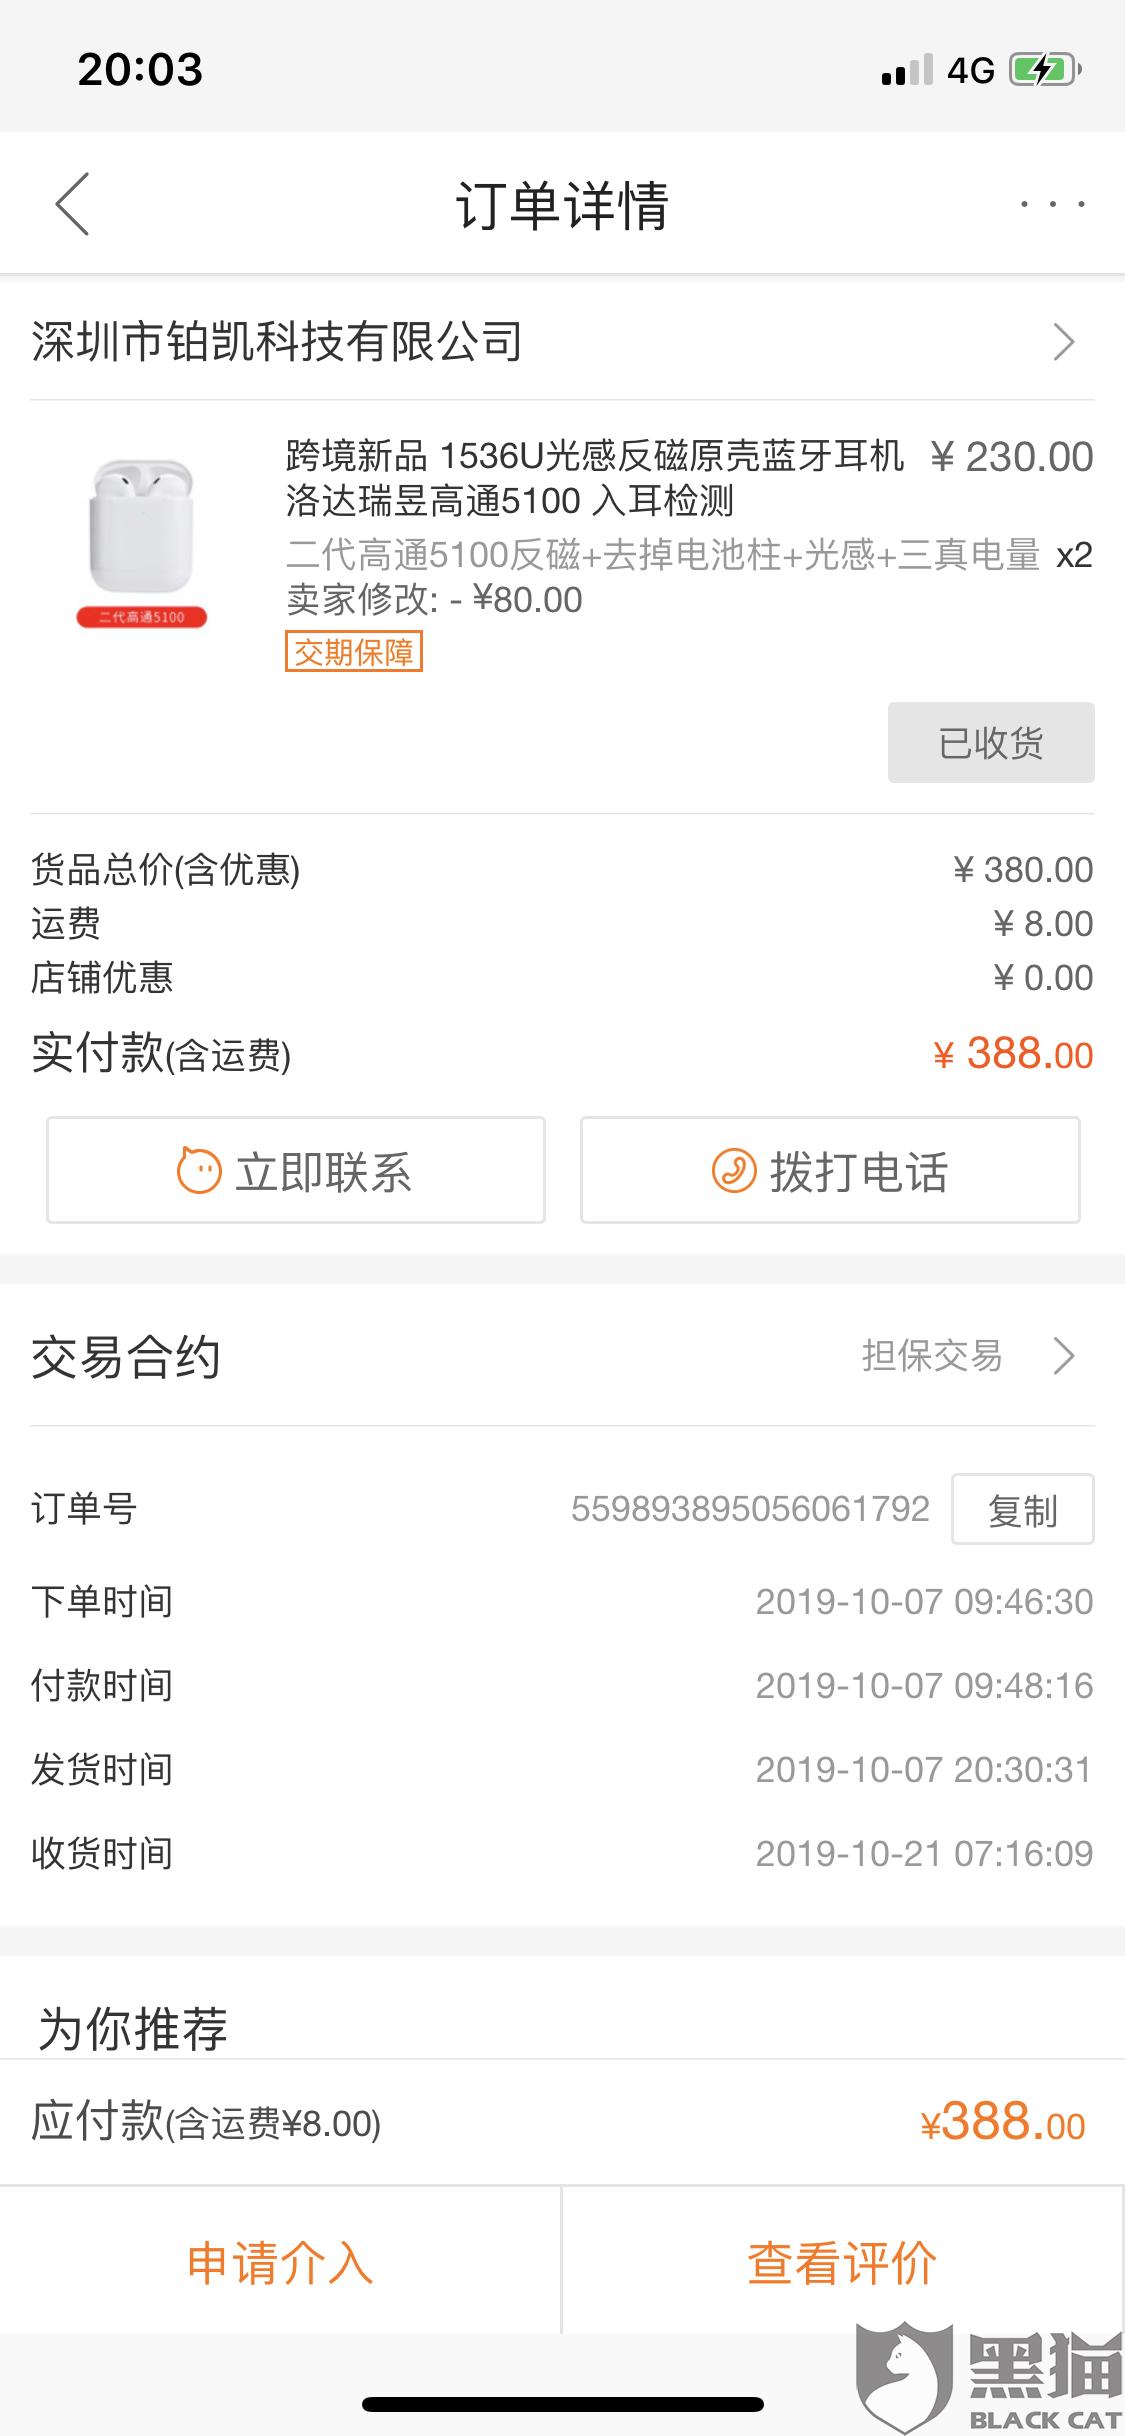 黑猫投诉:从阿里巴巴的深圳市铂凯科技有限公司店铺购买蓝牙耳机需要退货